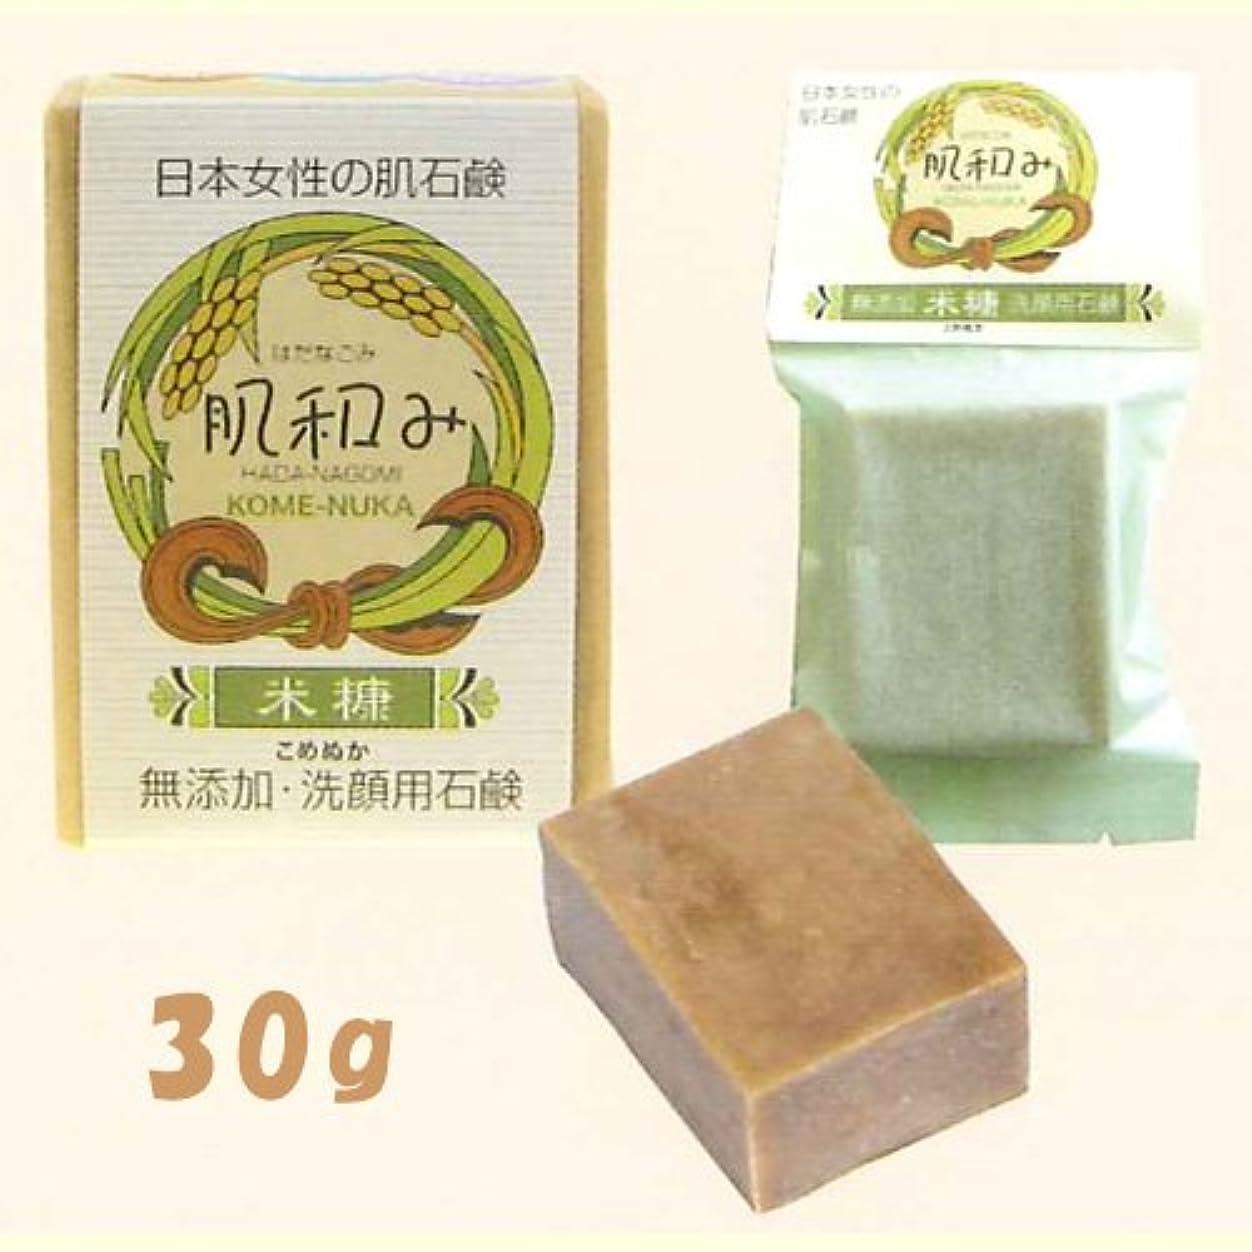 プロフェッショナル旅適応米糠石鹸 肌和み 無添加ソープ 30g